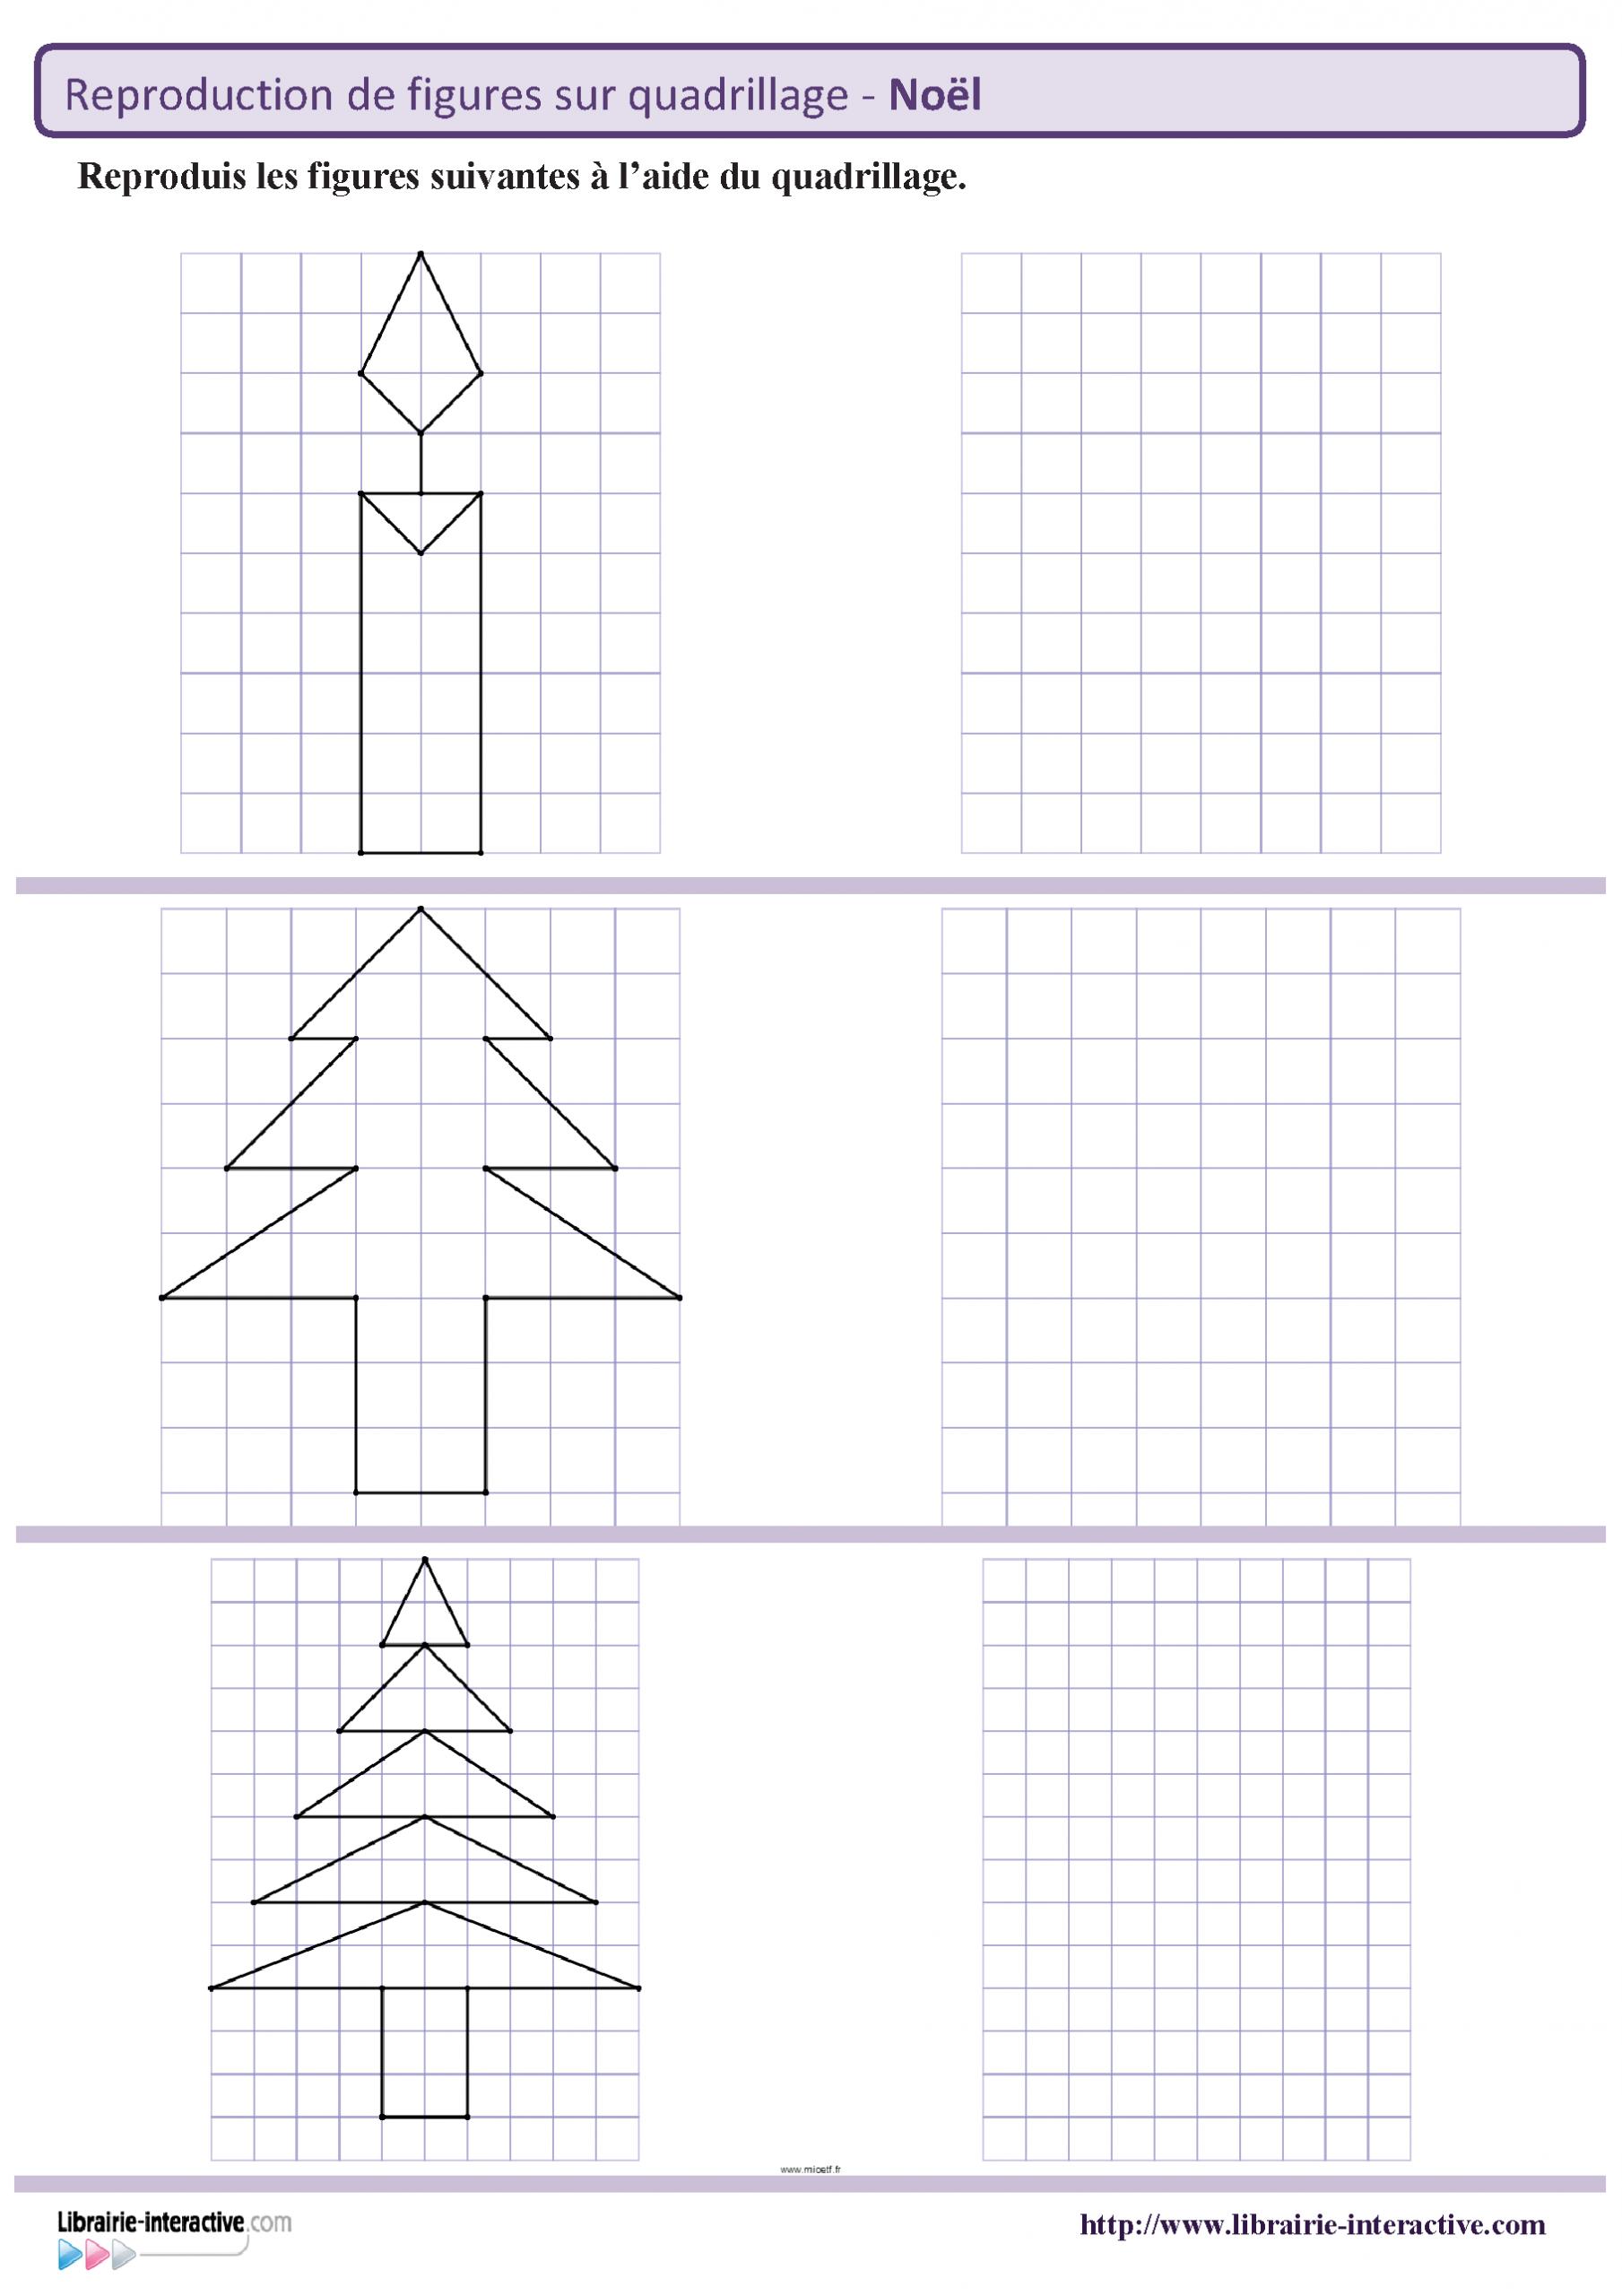 Des Figures Géométriques Sur Le Thème De Noël À Reproduire encequiconcerne Exercice Symétrie Ce1